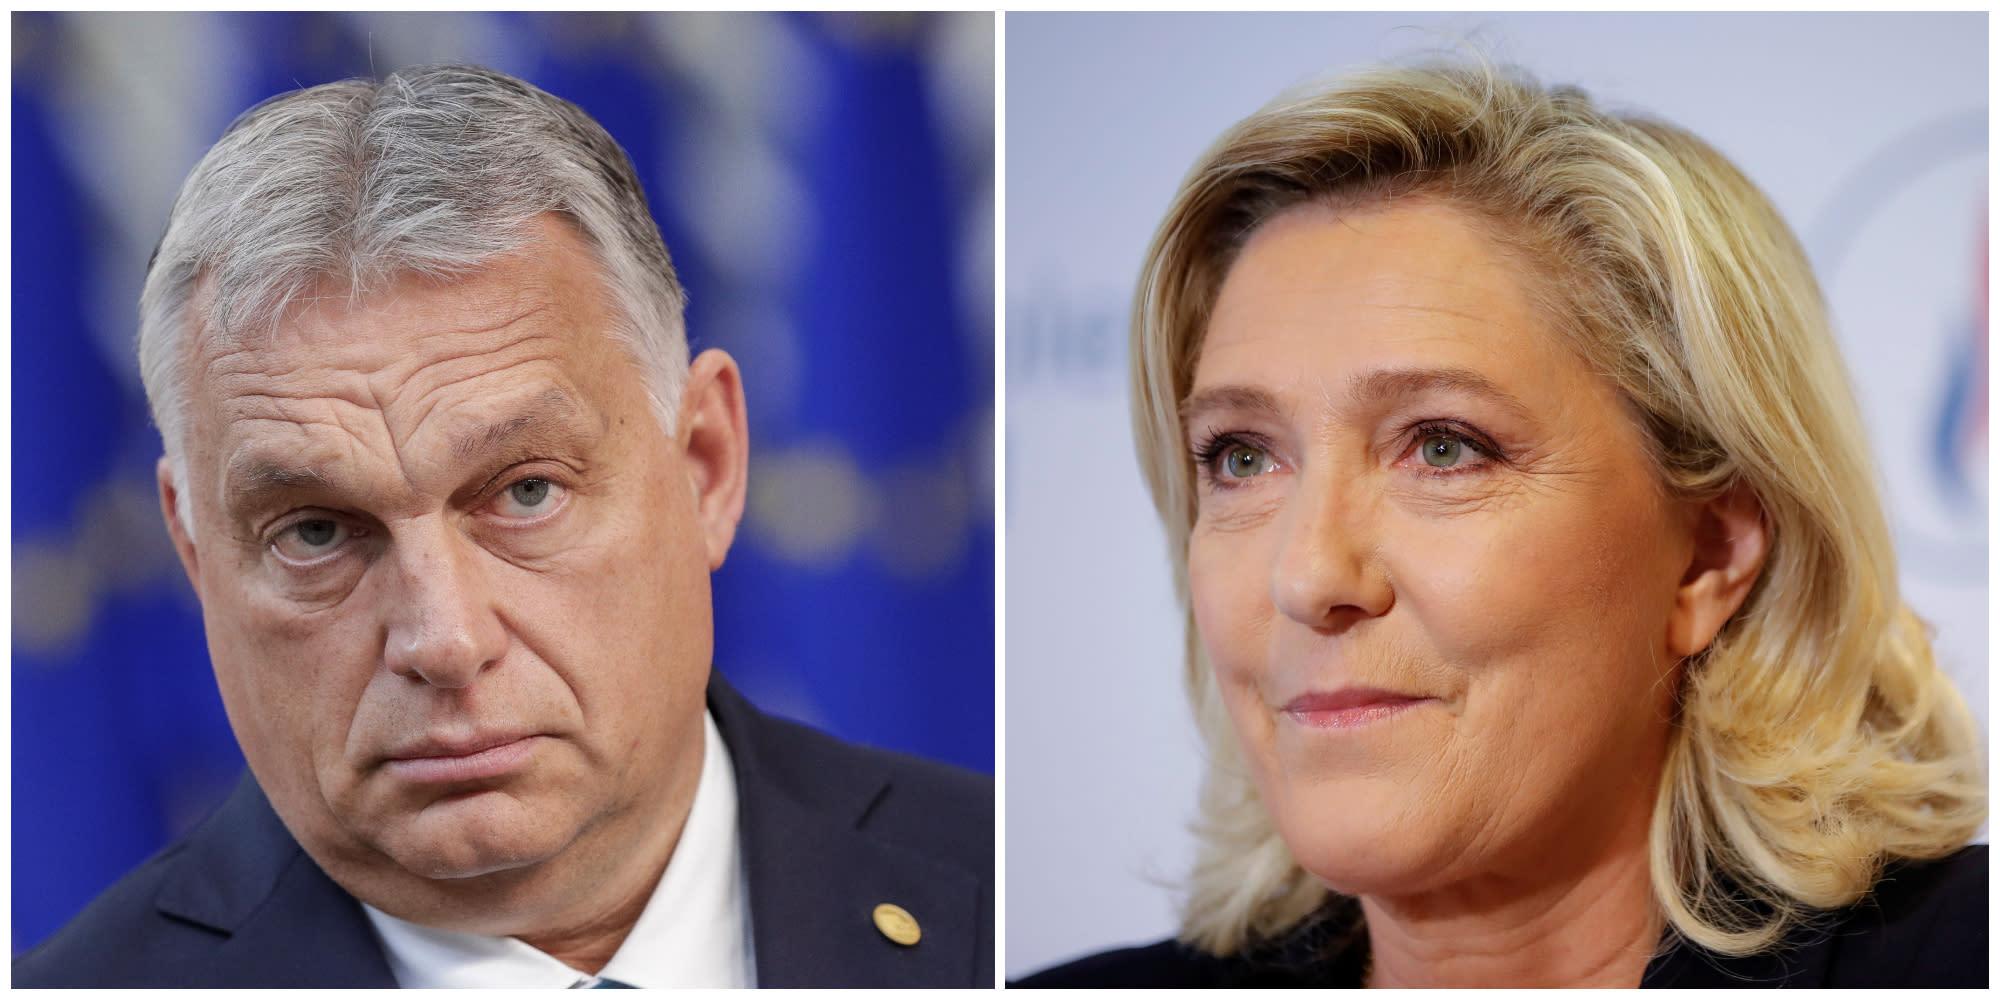 Ce que l'on sait de la rencontre Marine Le Pen / Viktor Orban, cruciale pour la candidate